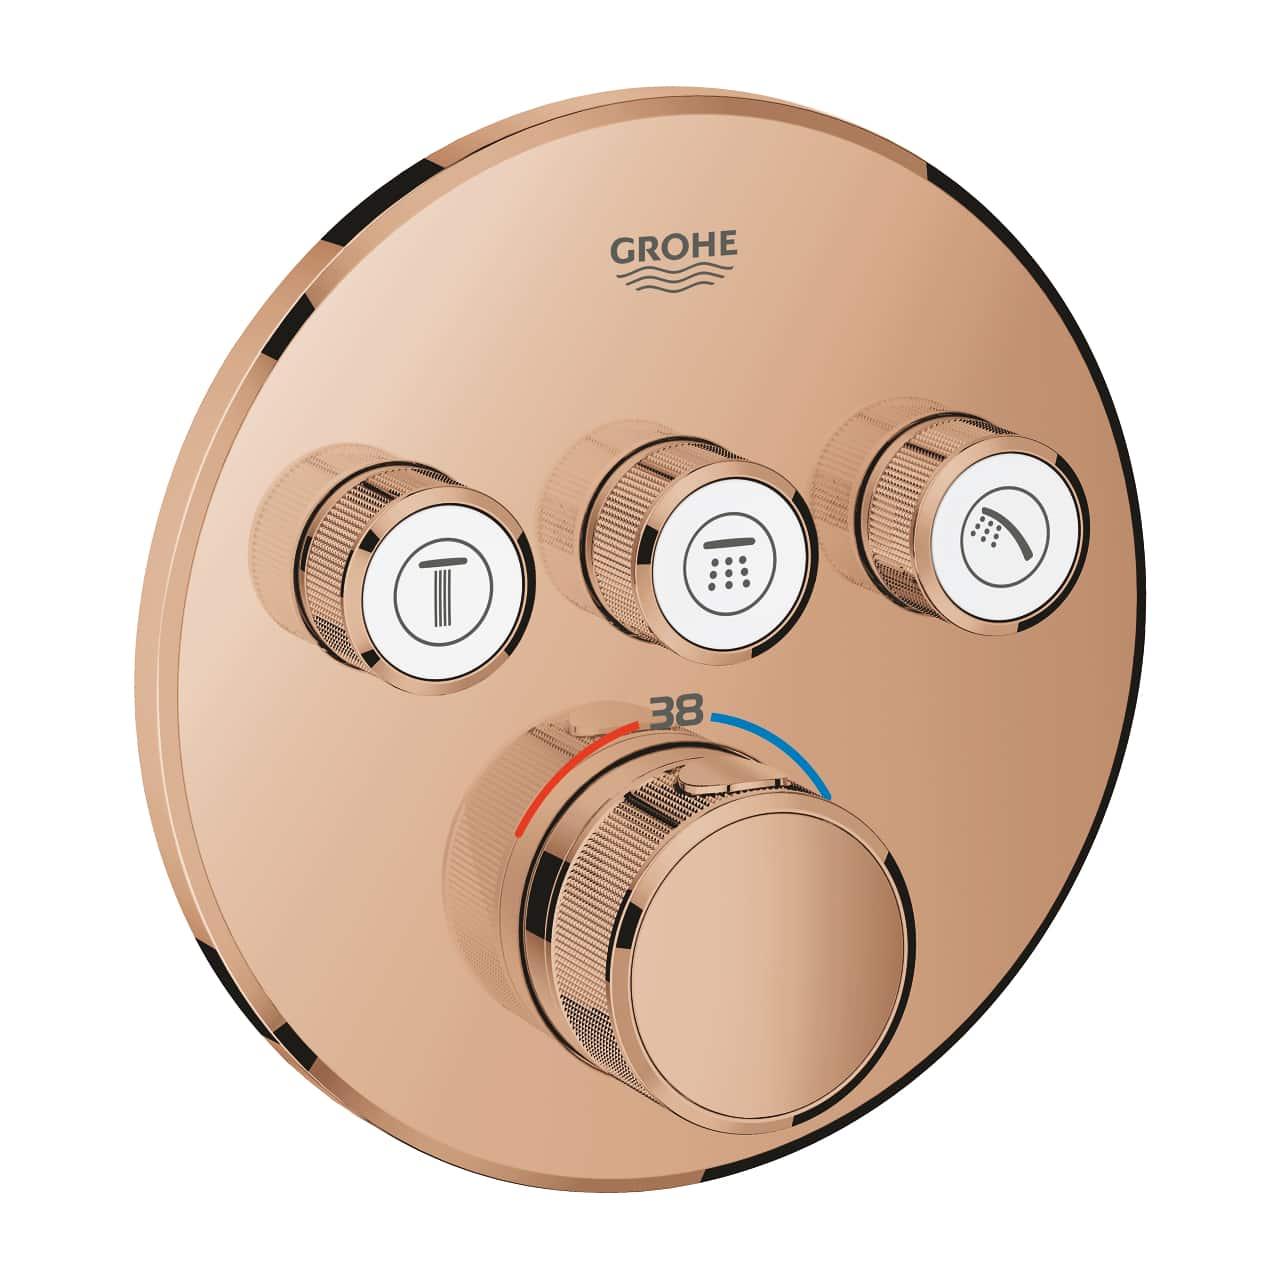 GROHE Grohtherm SmartControl - podtynkowa bateria termostatyczna do obsługi trzech wyjść wody warm sunset 29121DA0